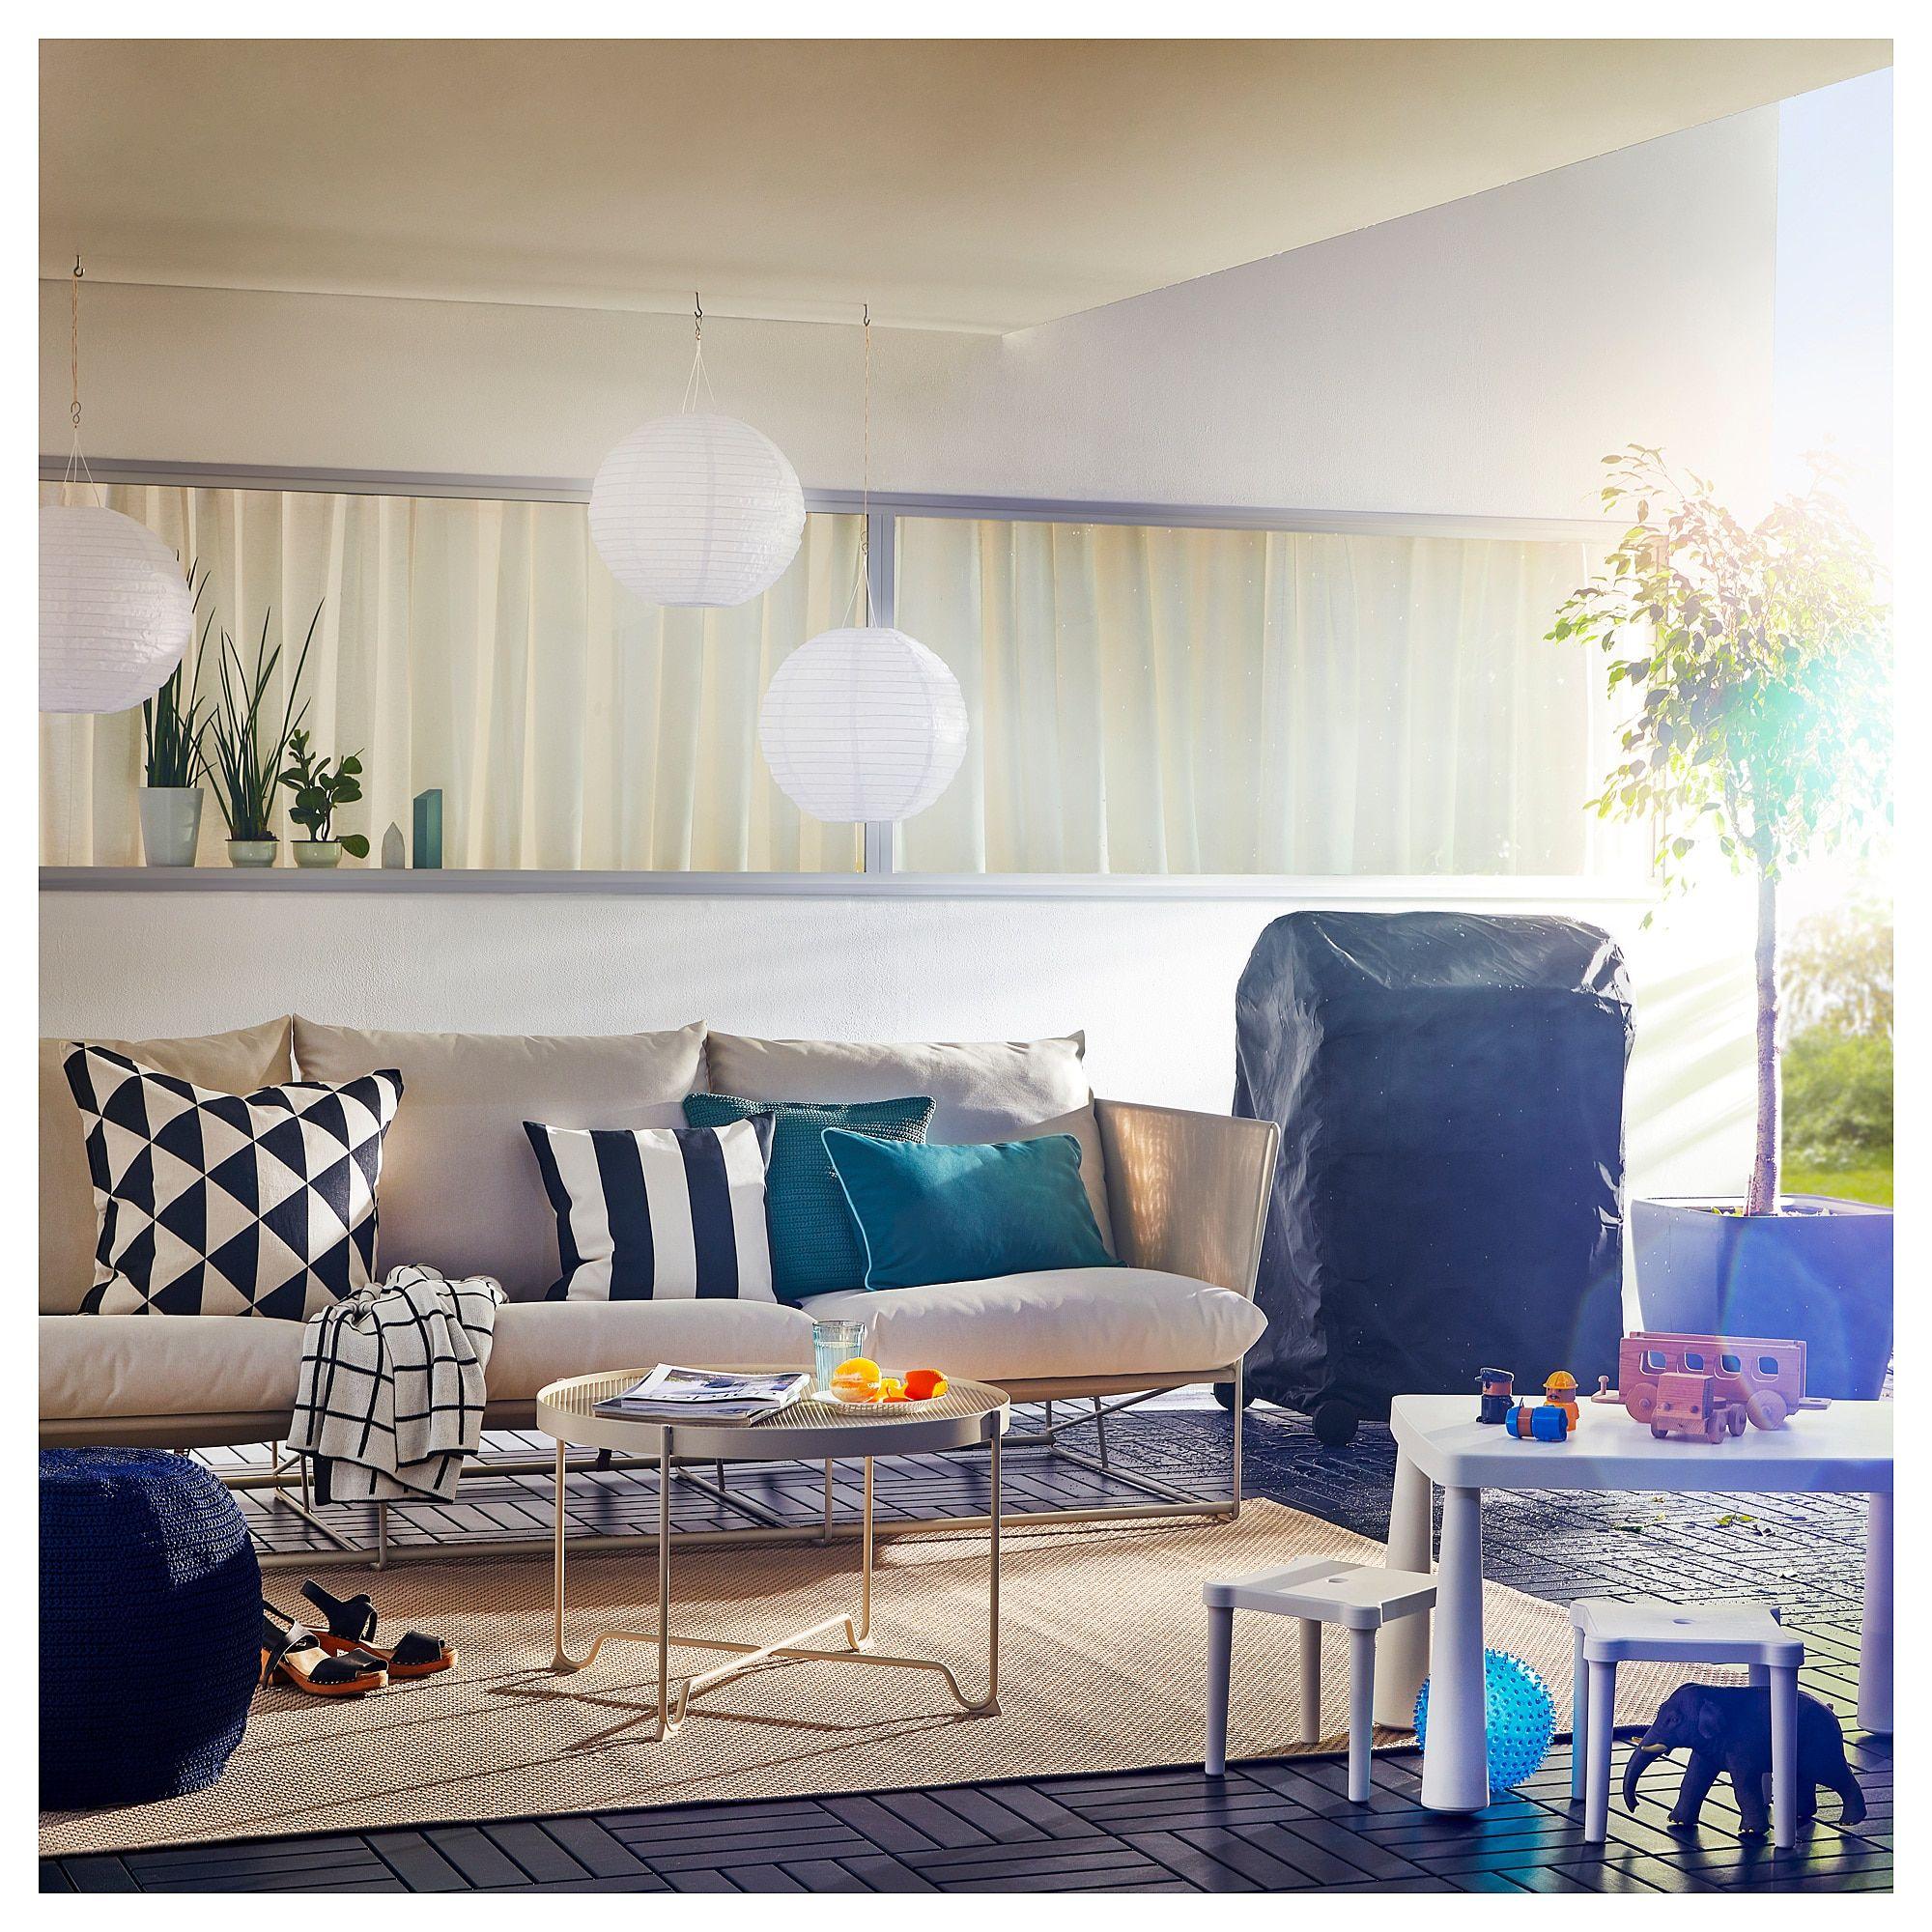 Havsten Sofa In Outdoor Beige 102 3 8x37x35 3 8 260x94x90 Cm